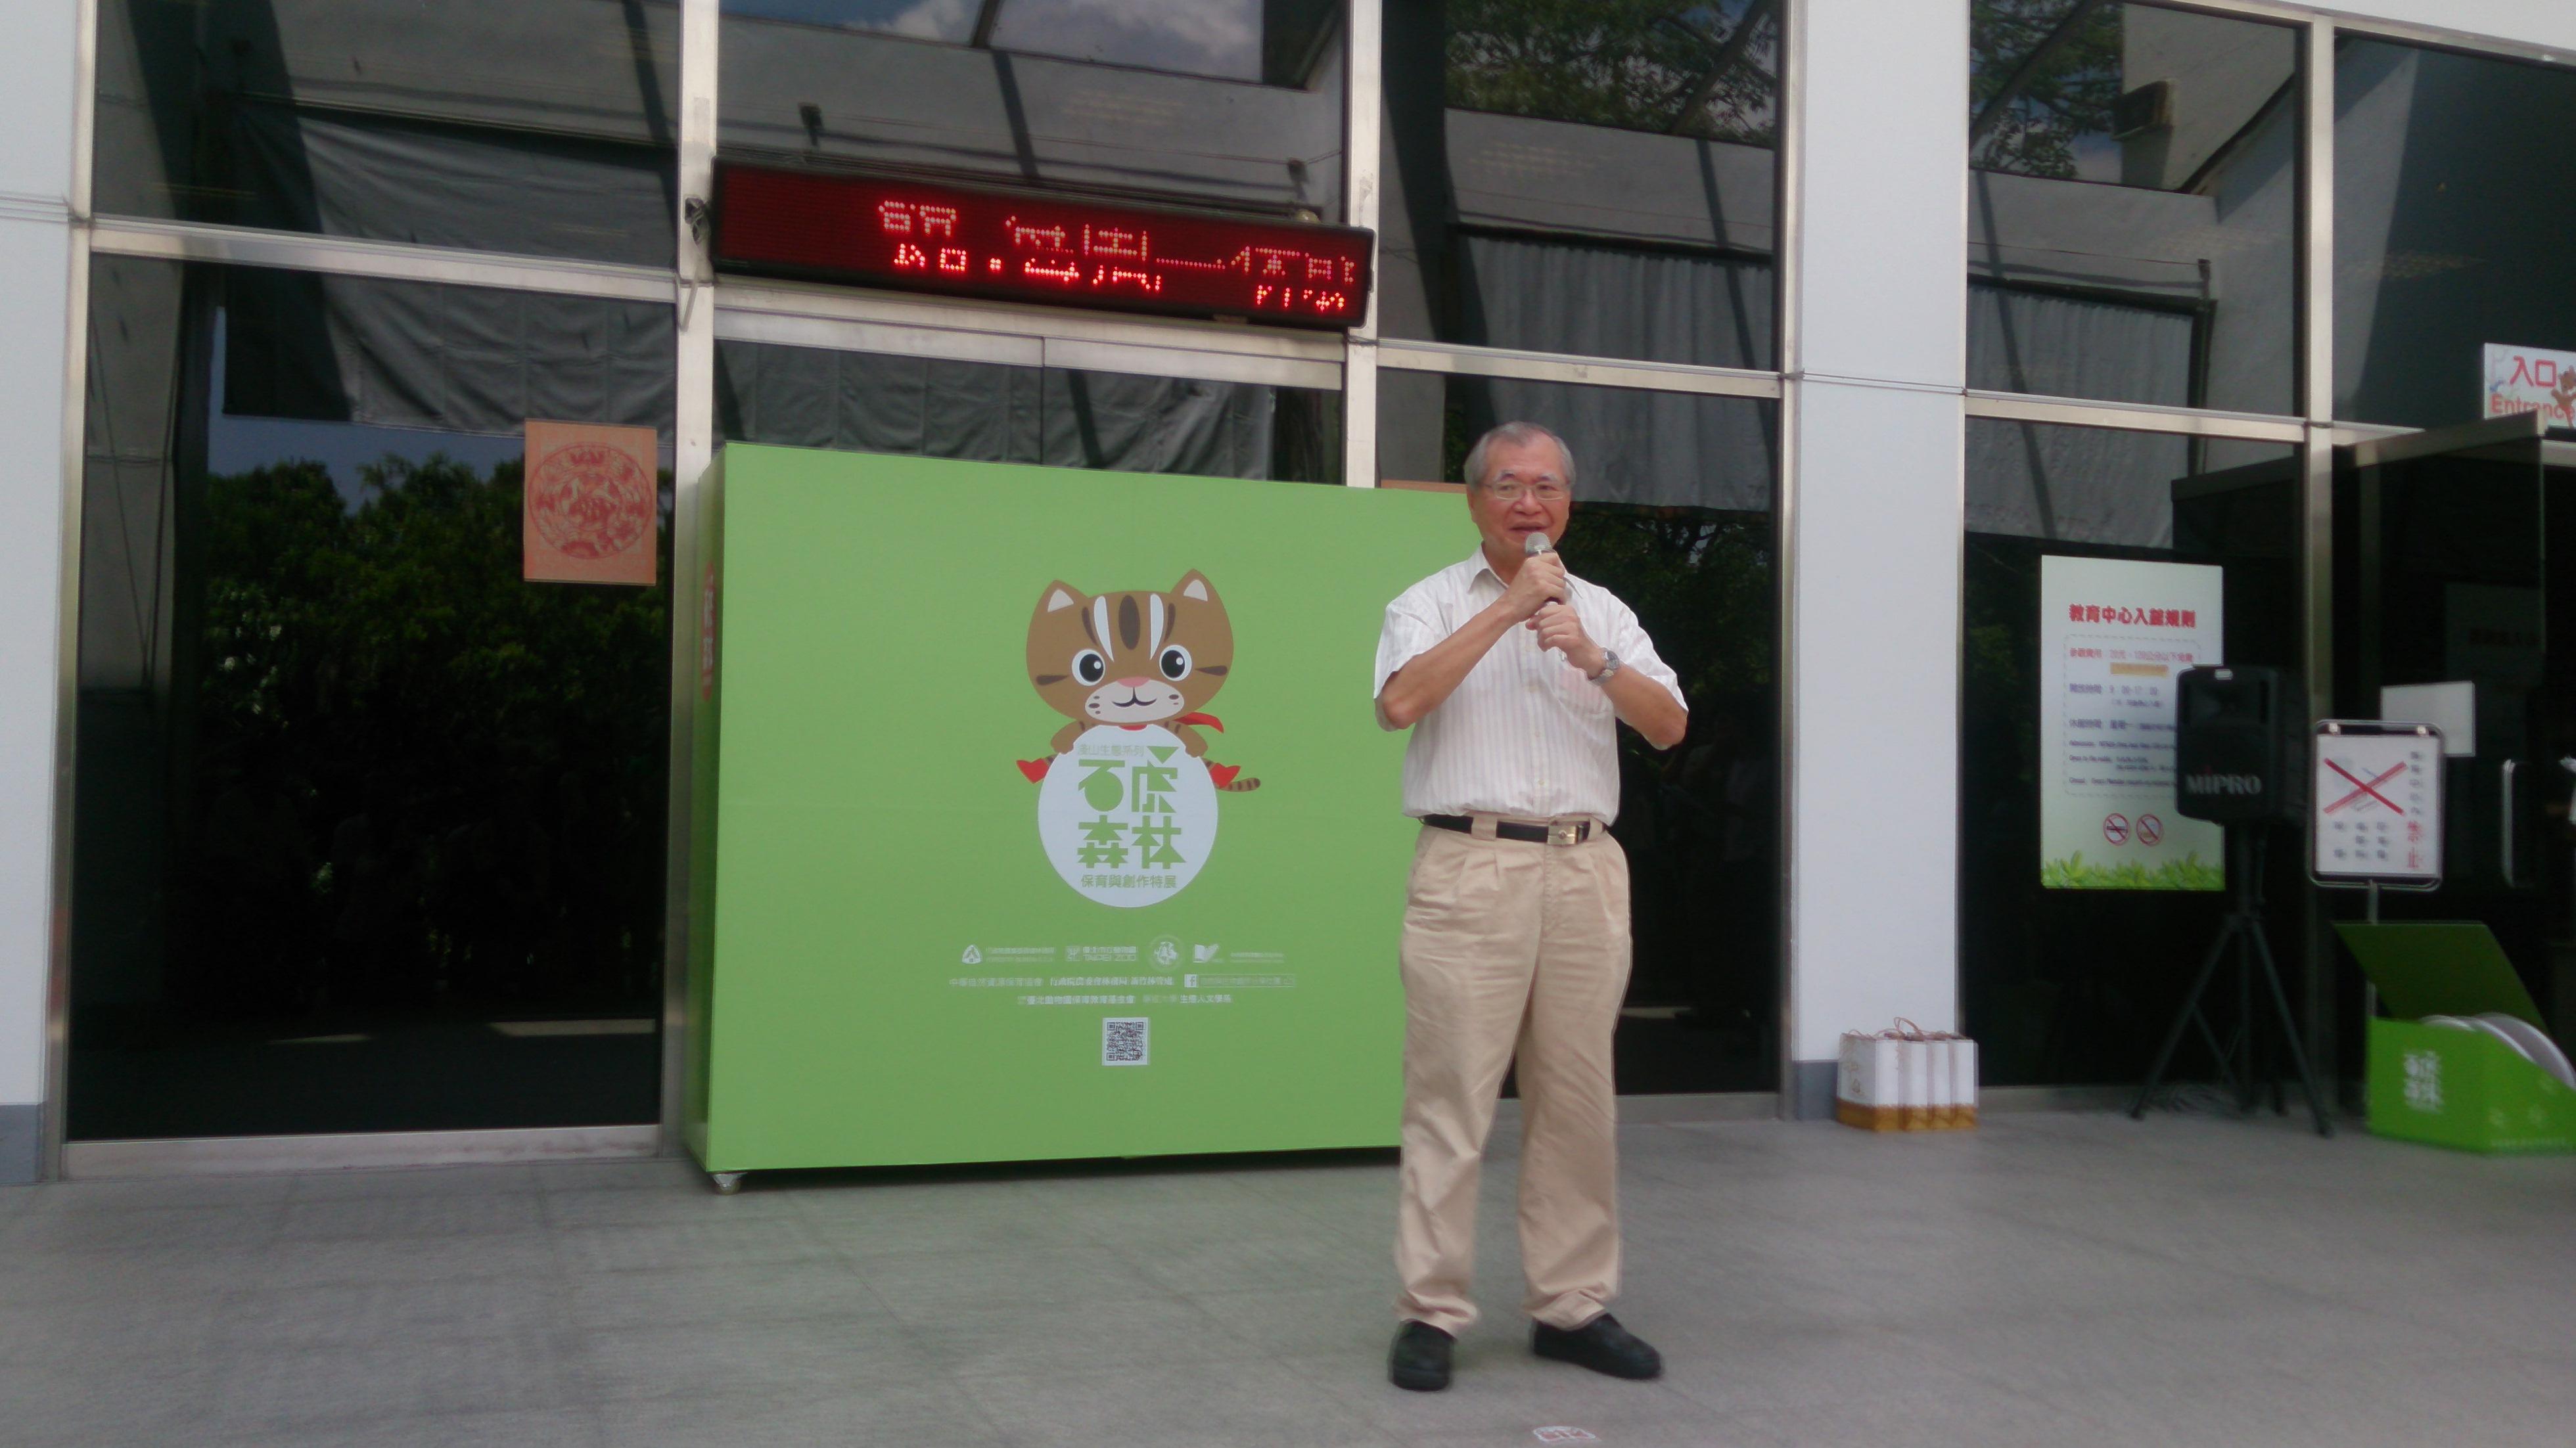 林務局局長李桃生致詞。(圖片來源:林務局)